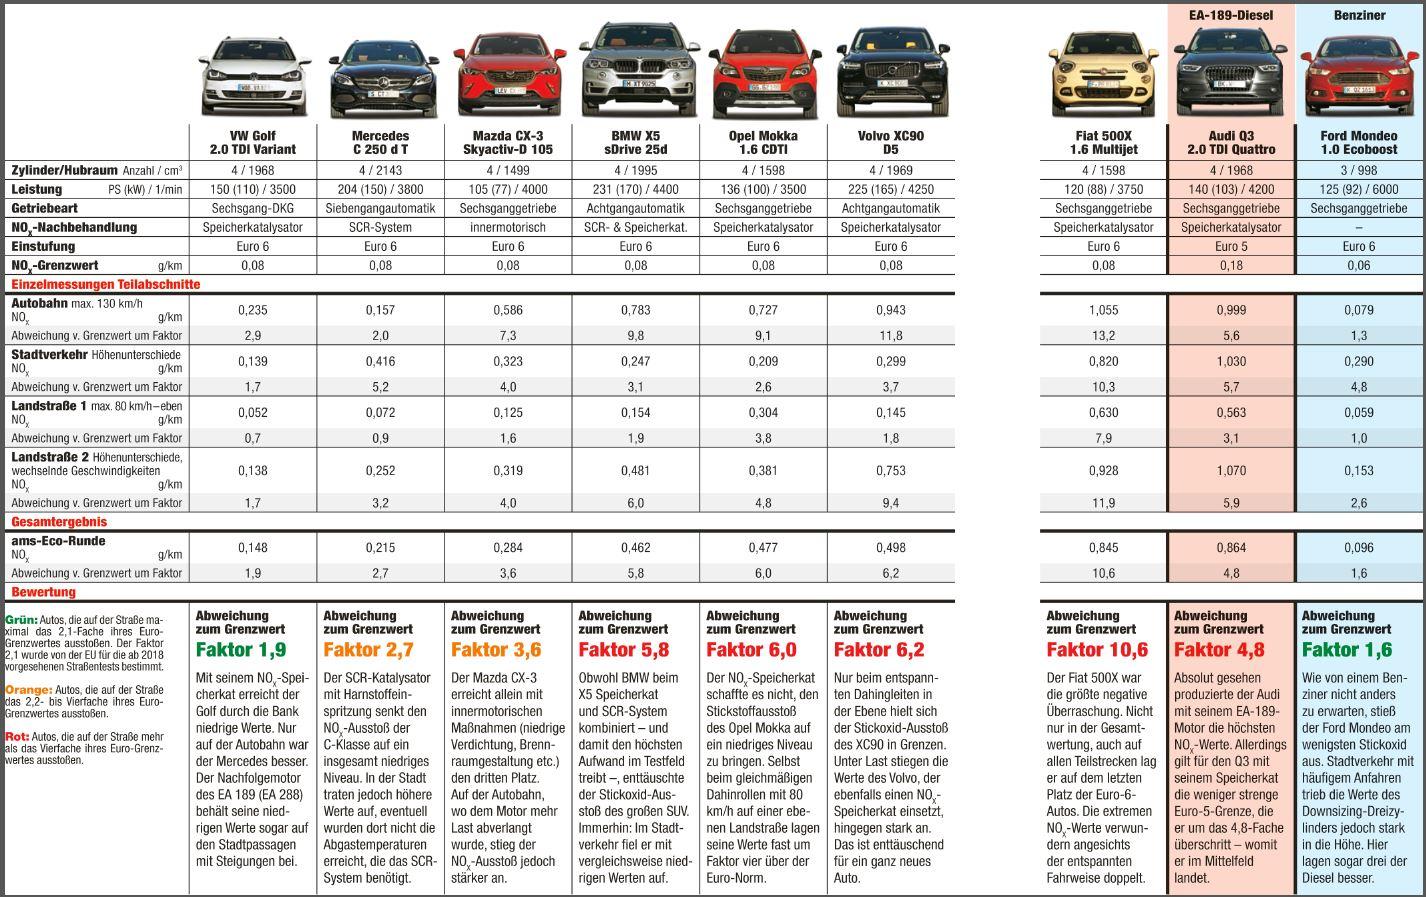 Abgastest 2015-11 verschiedene Marken NOX